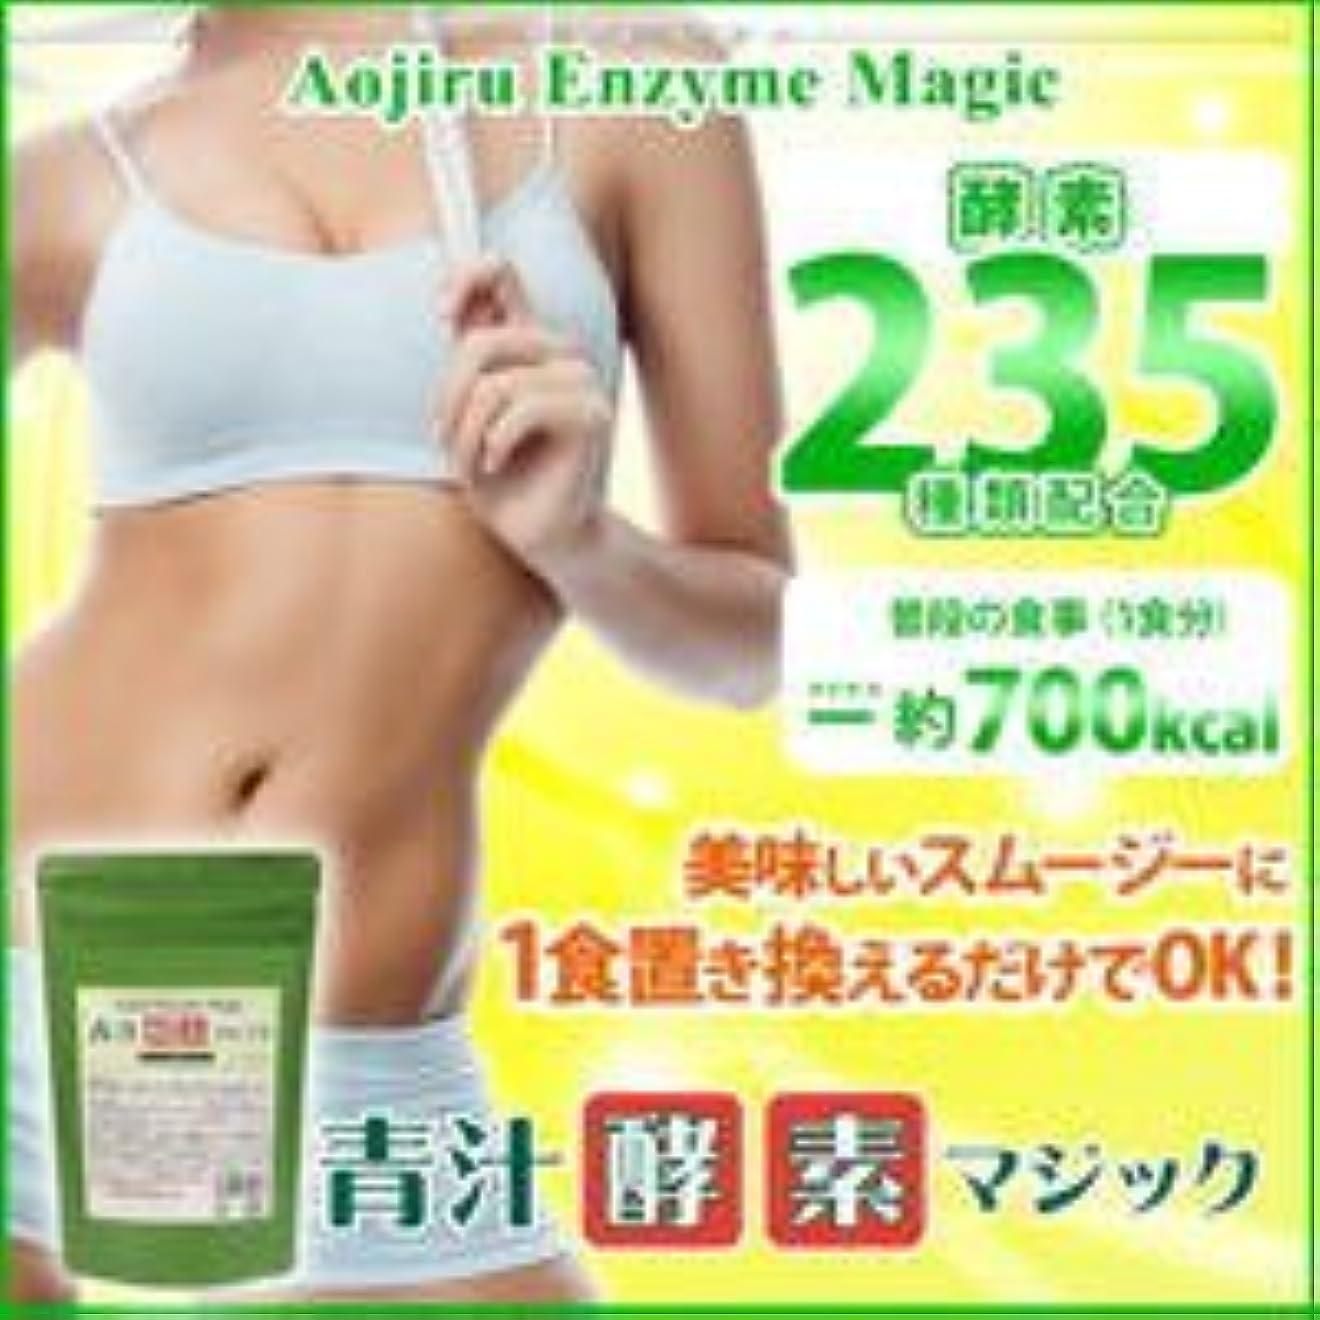 ブロー複合与える【 ☆☆ 青汁酵素マジック 】美味しく健康に1食置き換えてダイエット!続かないダイエットなんてさようなら!